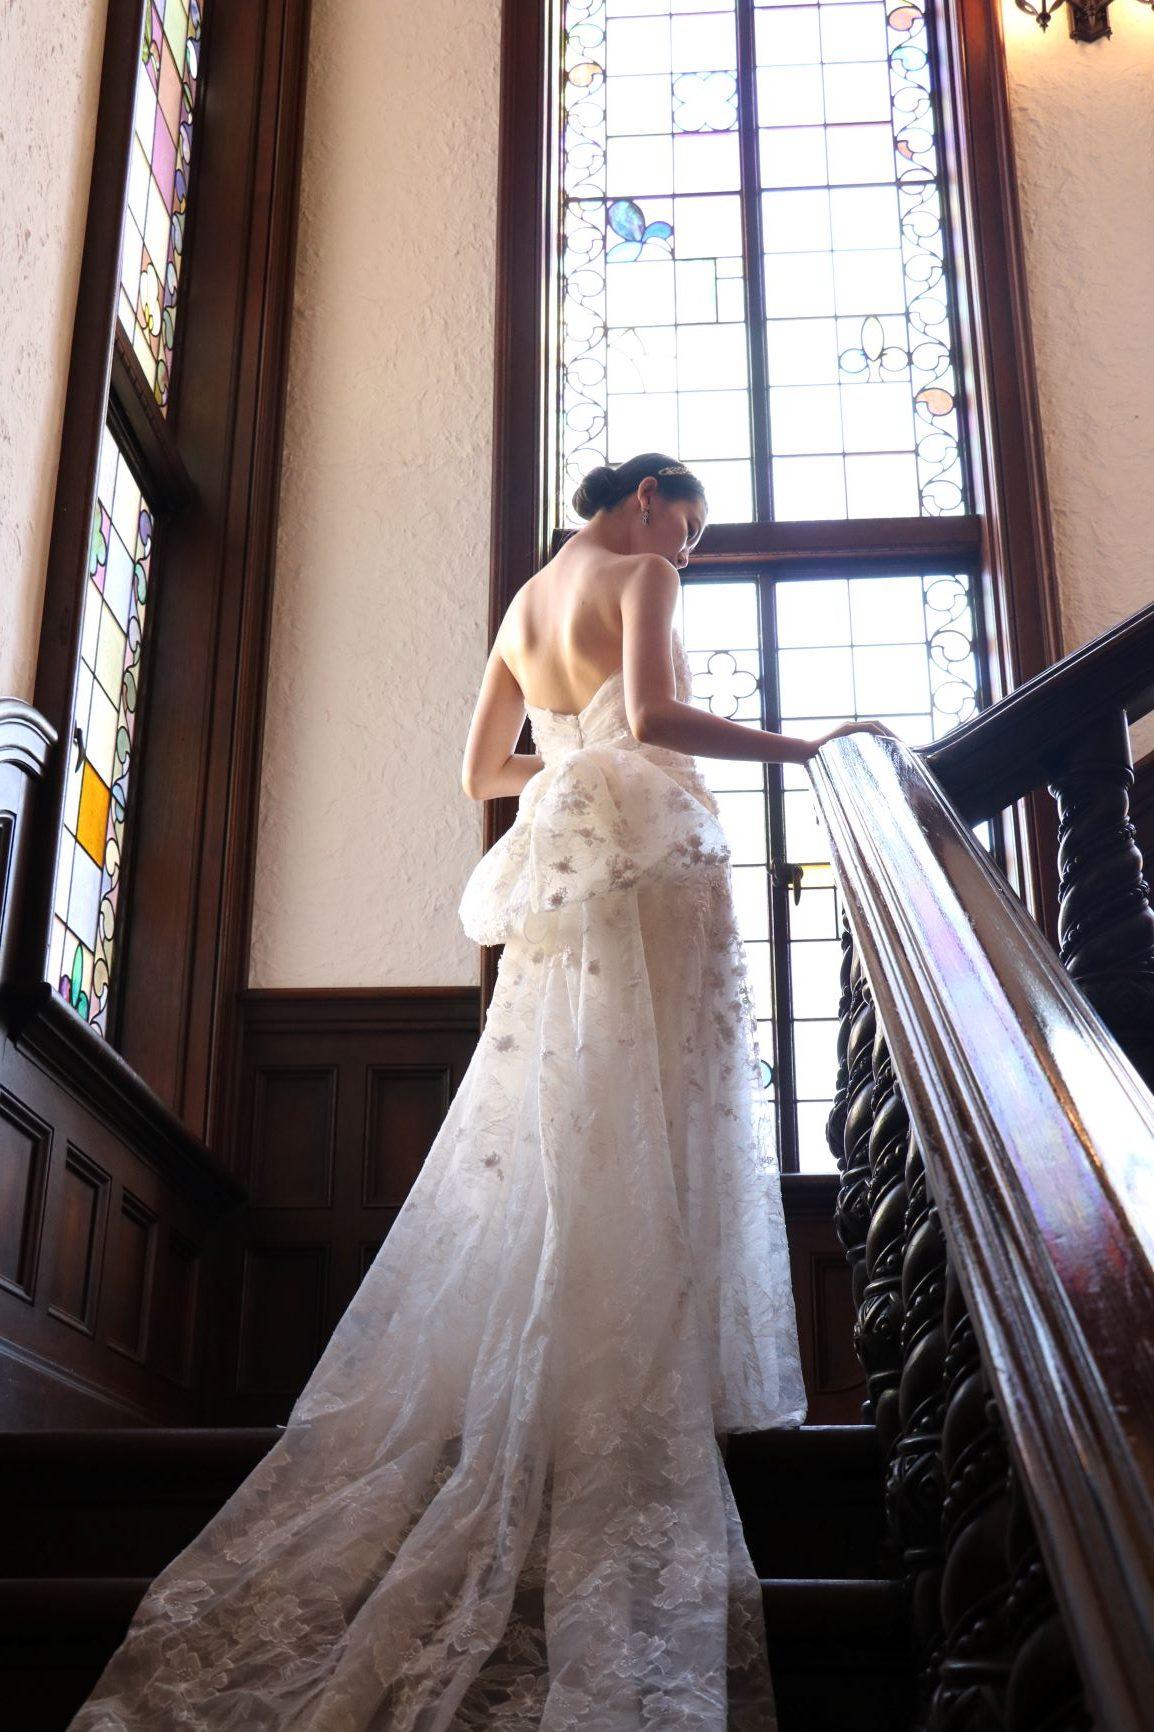 赤坂プリンスクラシックハウスでお召しいただくのに相応しいクラシックな総レースのドレス